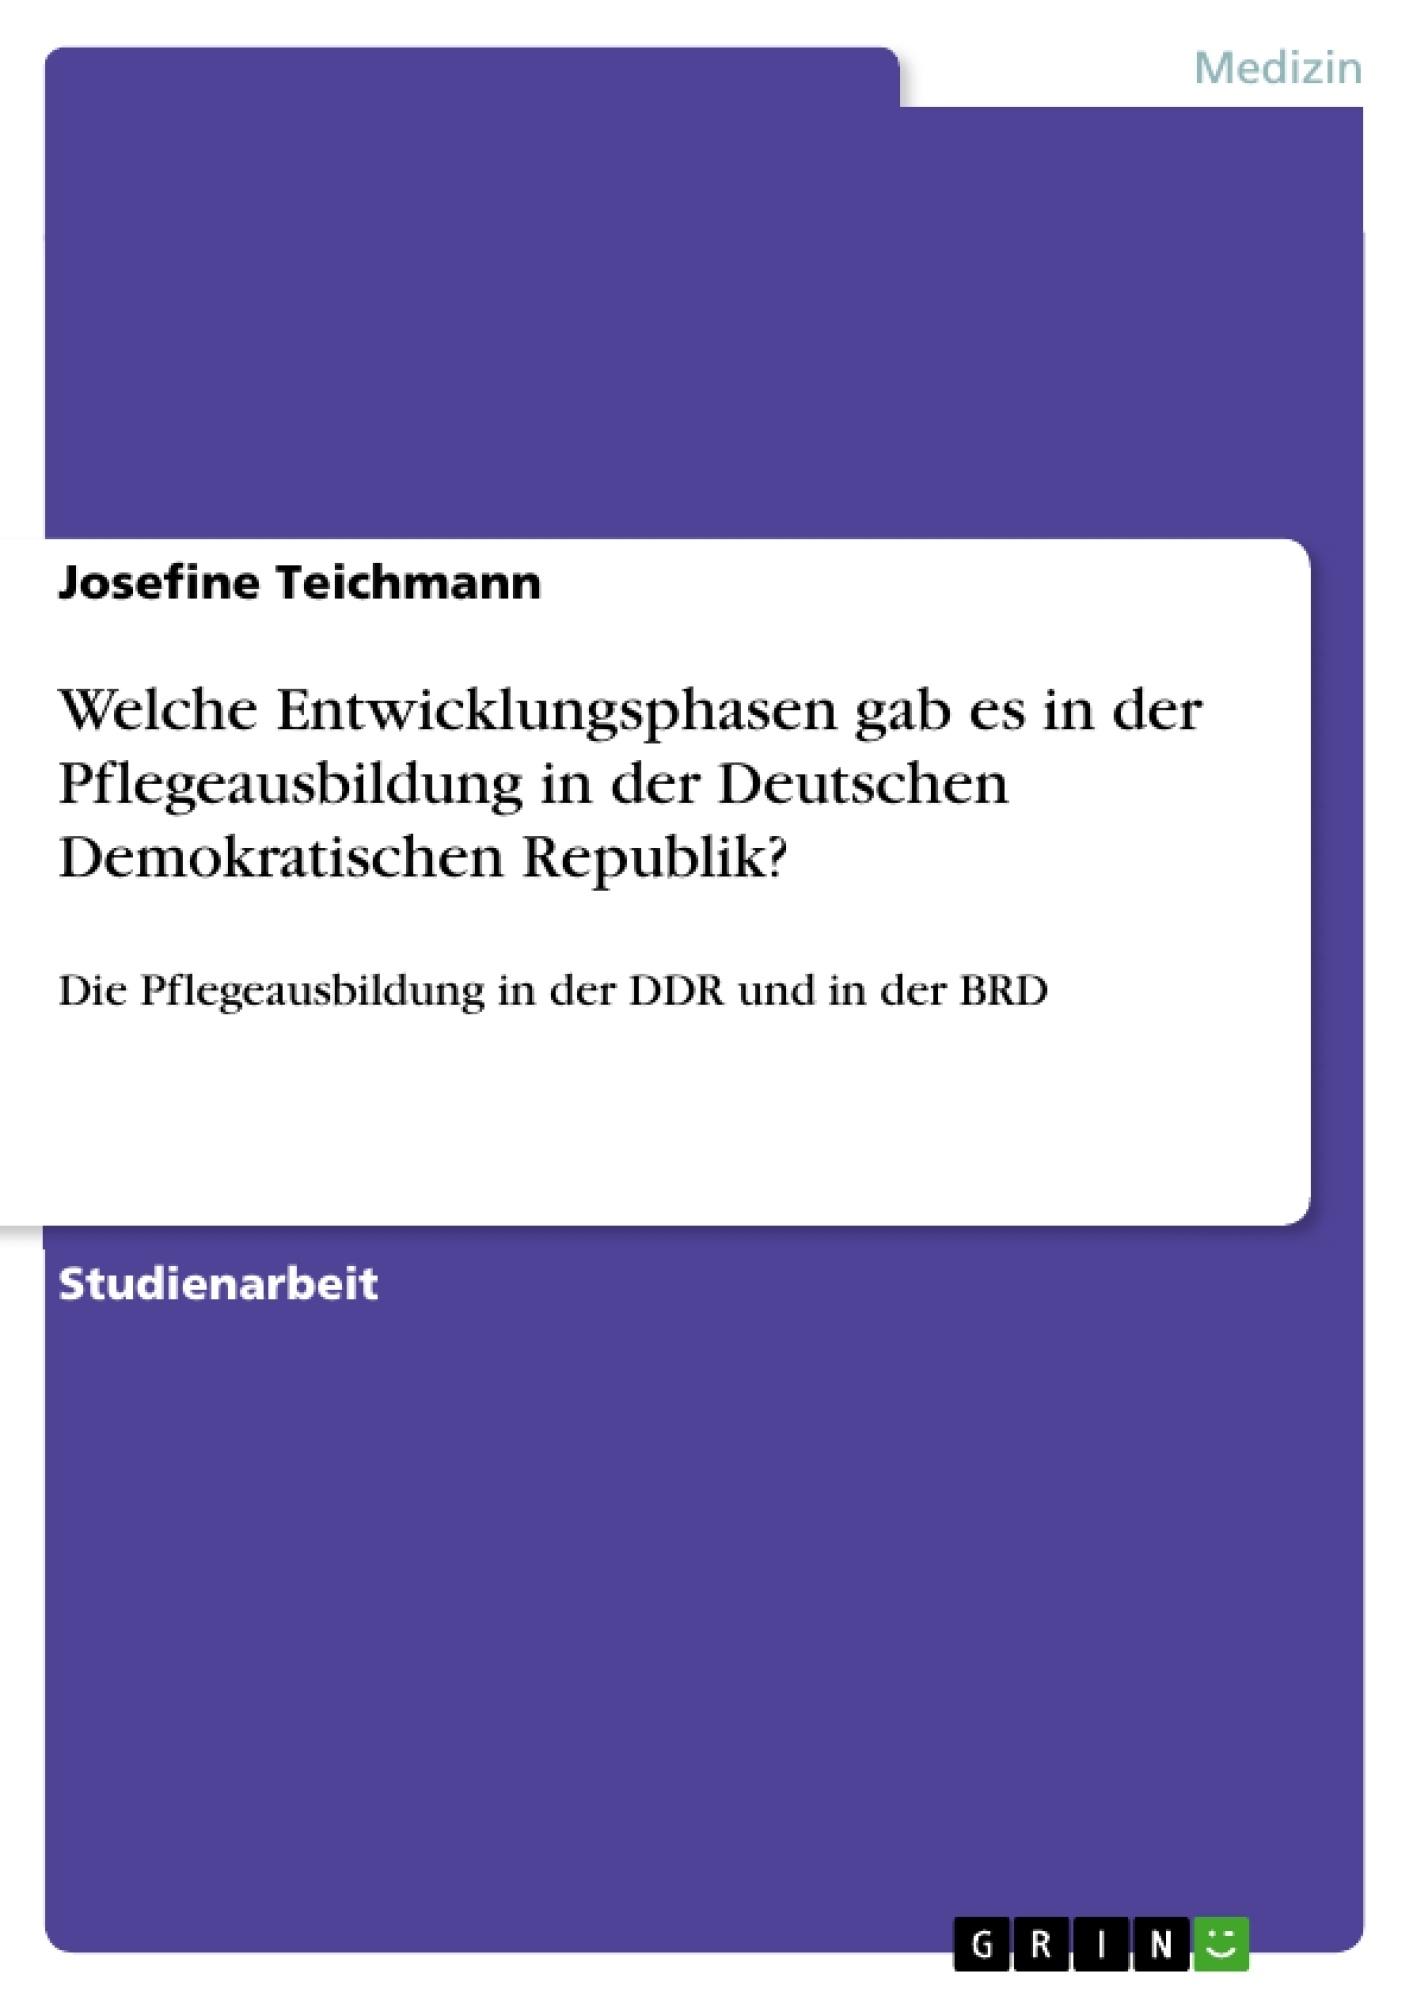 Titel: Welche Entwicklungsphasen gab es in der Pflegeausbildung in der Deutschen Demokratischen Republik?